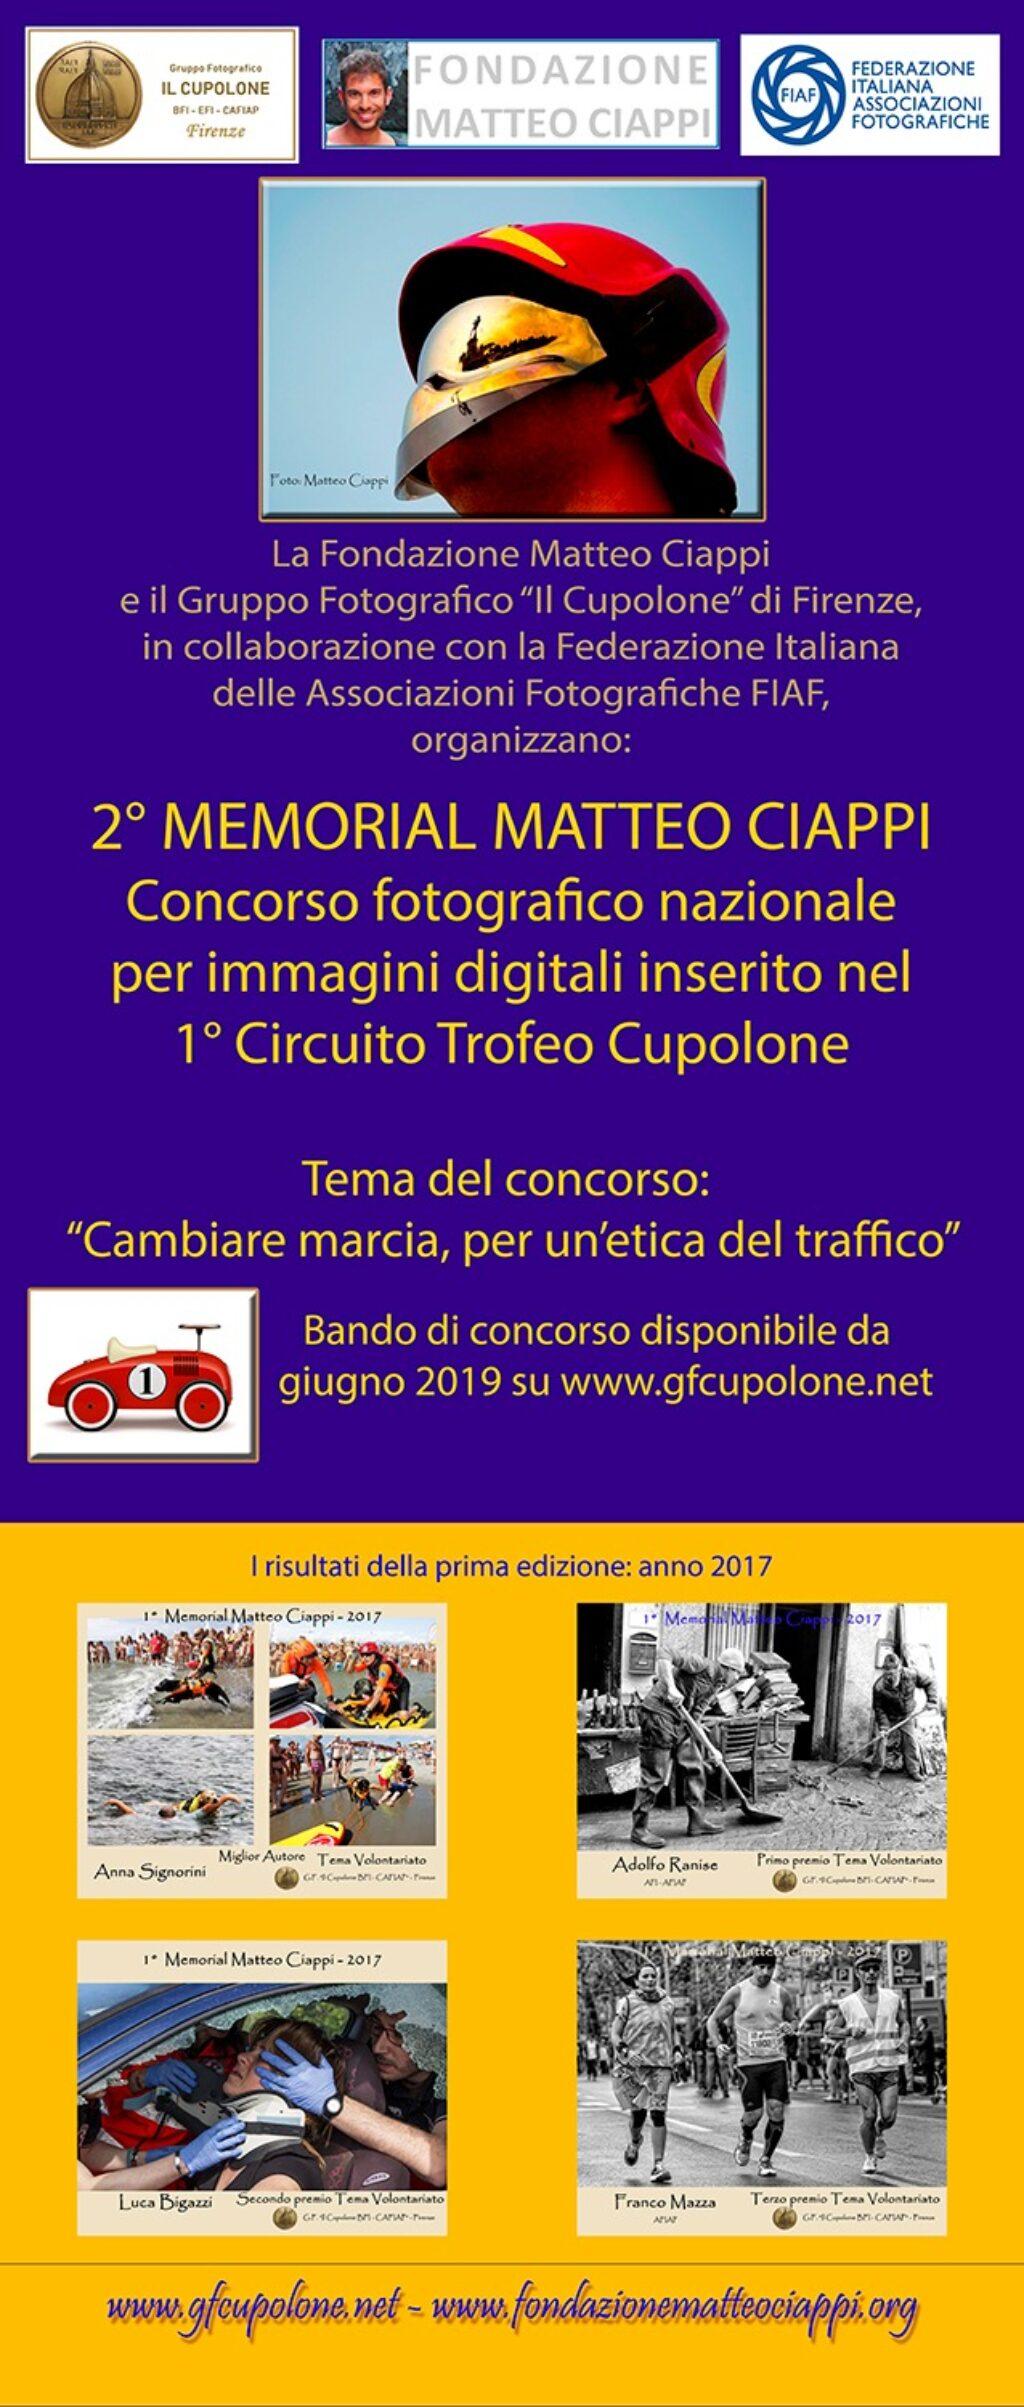 2° Memorial Matteo Ciappi - Fondazione Matteo Ciappi